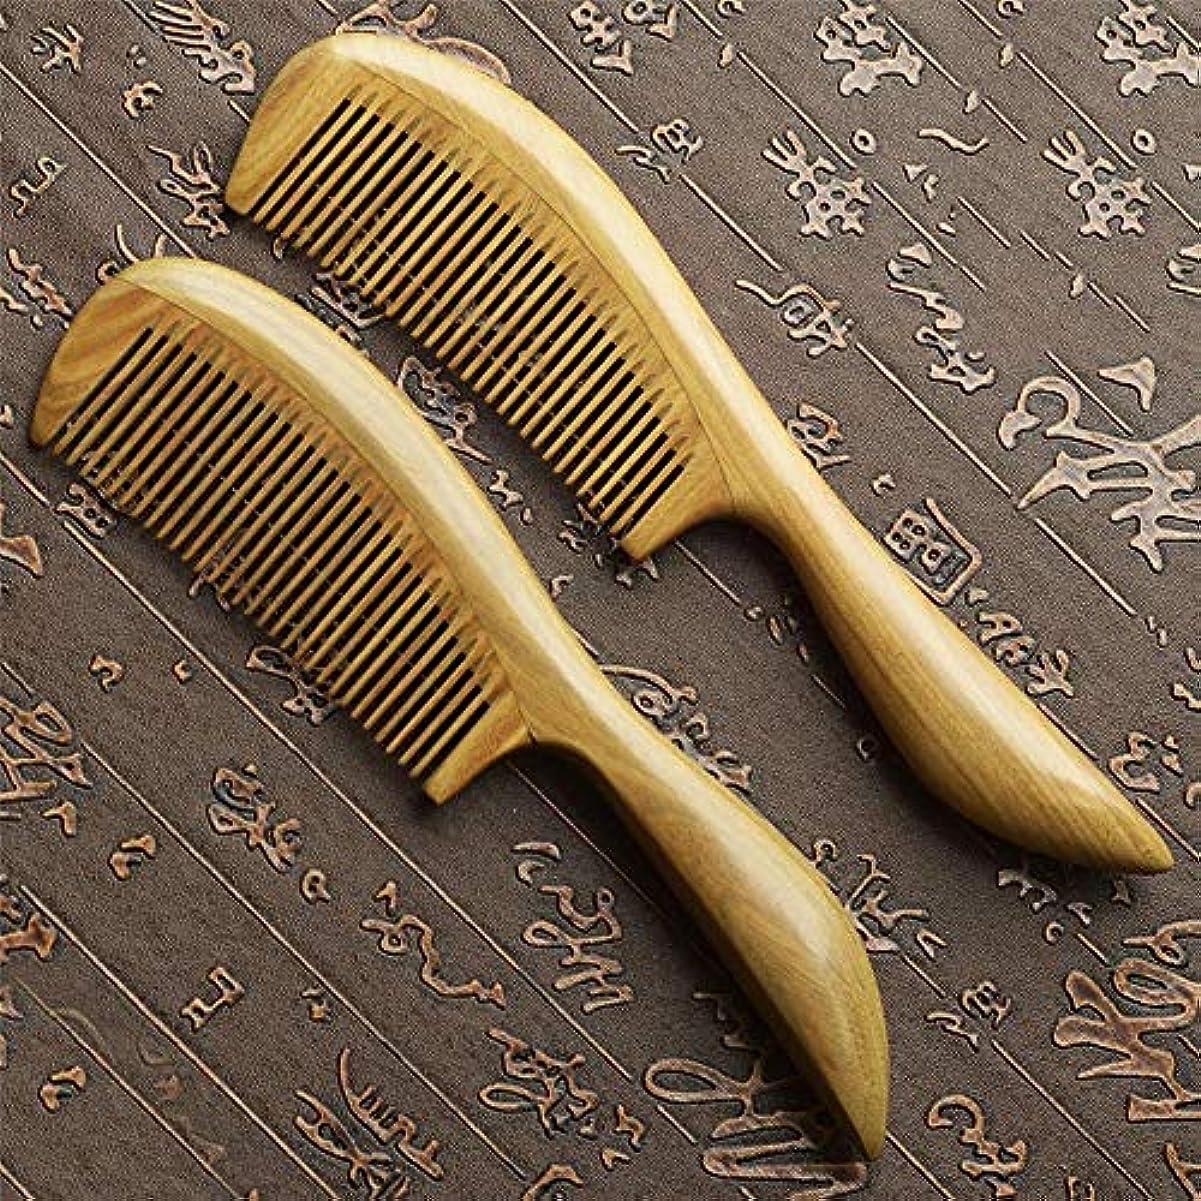 粒子指定する発音WASAIO ヘアブラシナチュラル木製くし髪-ウェットまたはドライカーリー、太い、波状、またはストレートの髪のもつれをほどき、スタイリングするための帯電防止木材